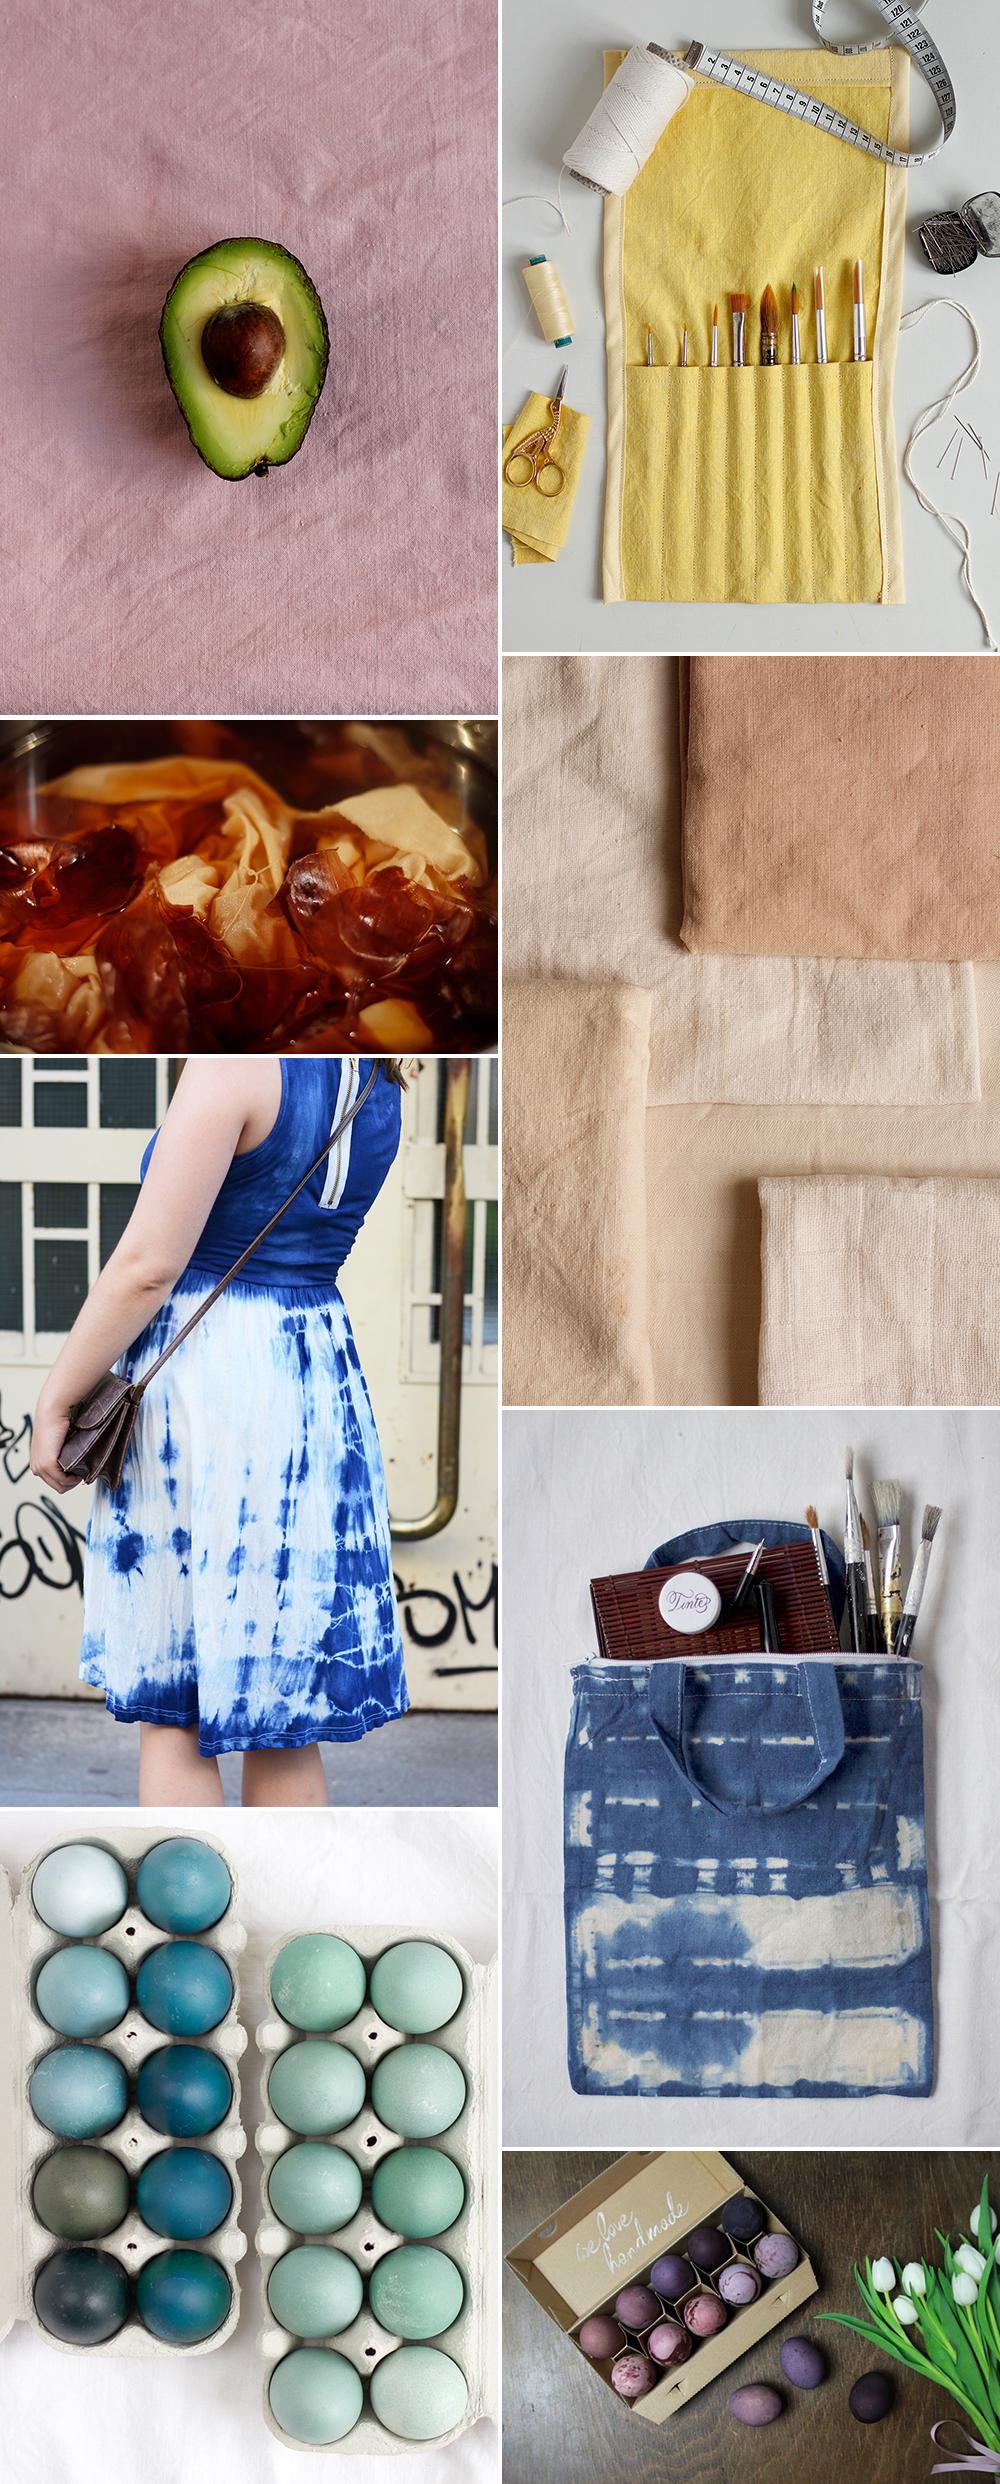 DIY: Stoff und Eier mit natürlichen Materialien färben | we love handmade